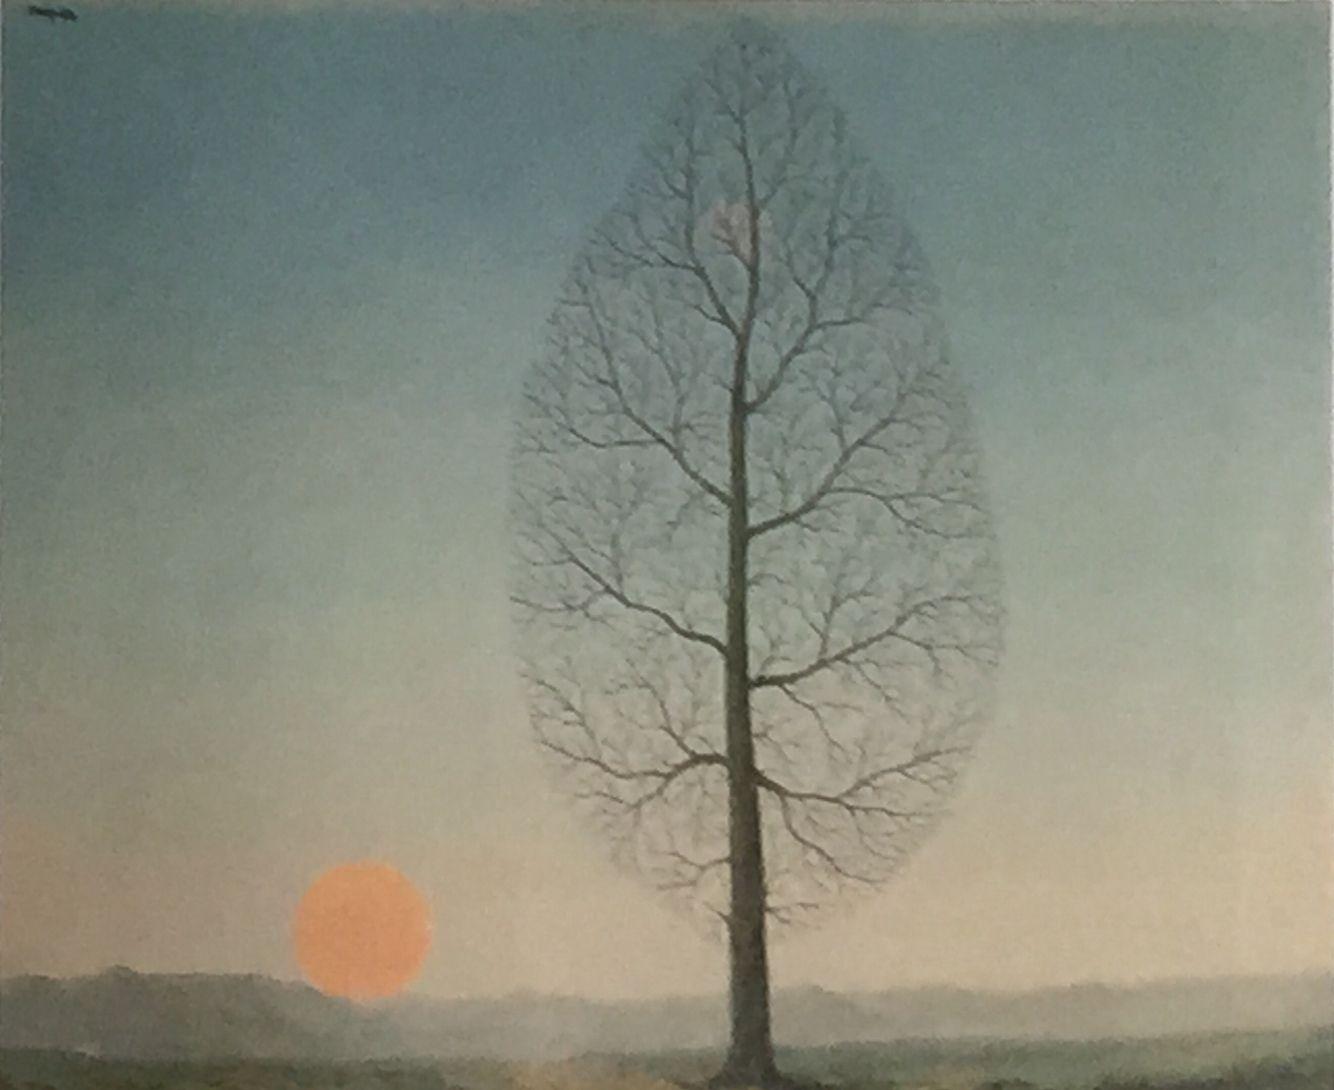 絶対の探求 マグリット The Search For The Absolute Magritte Rene Magritte Art